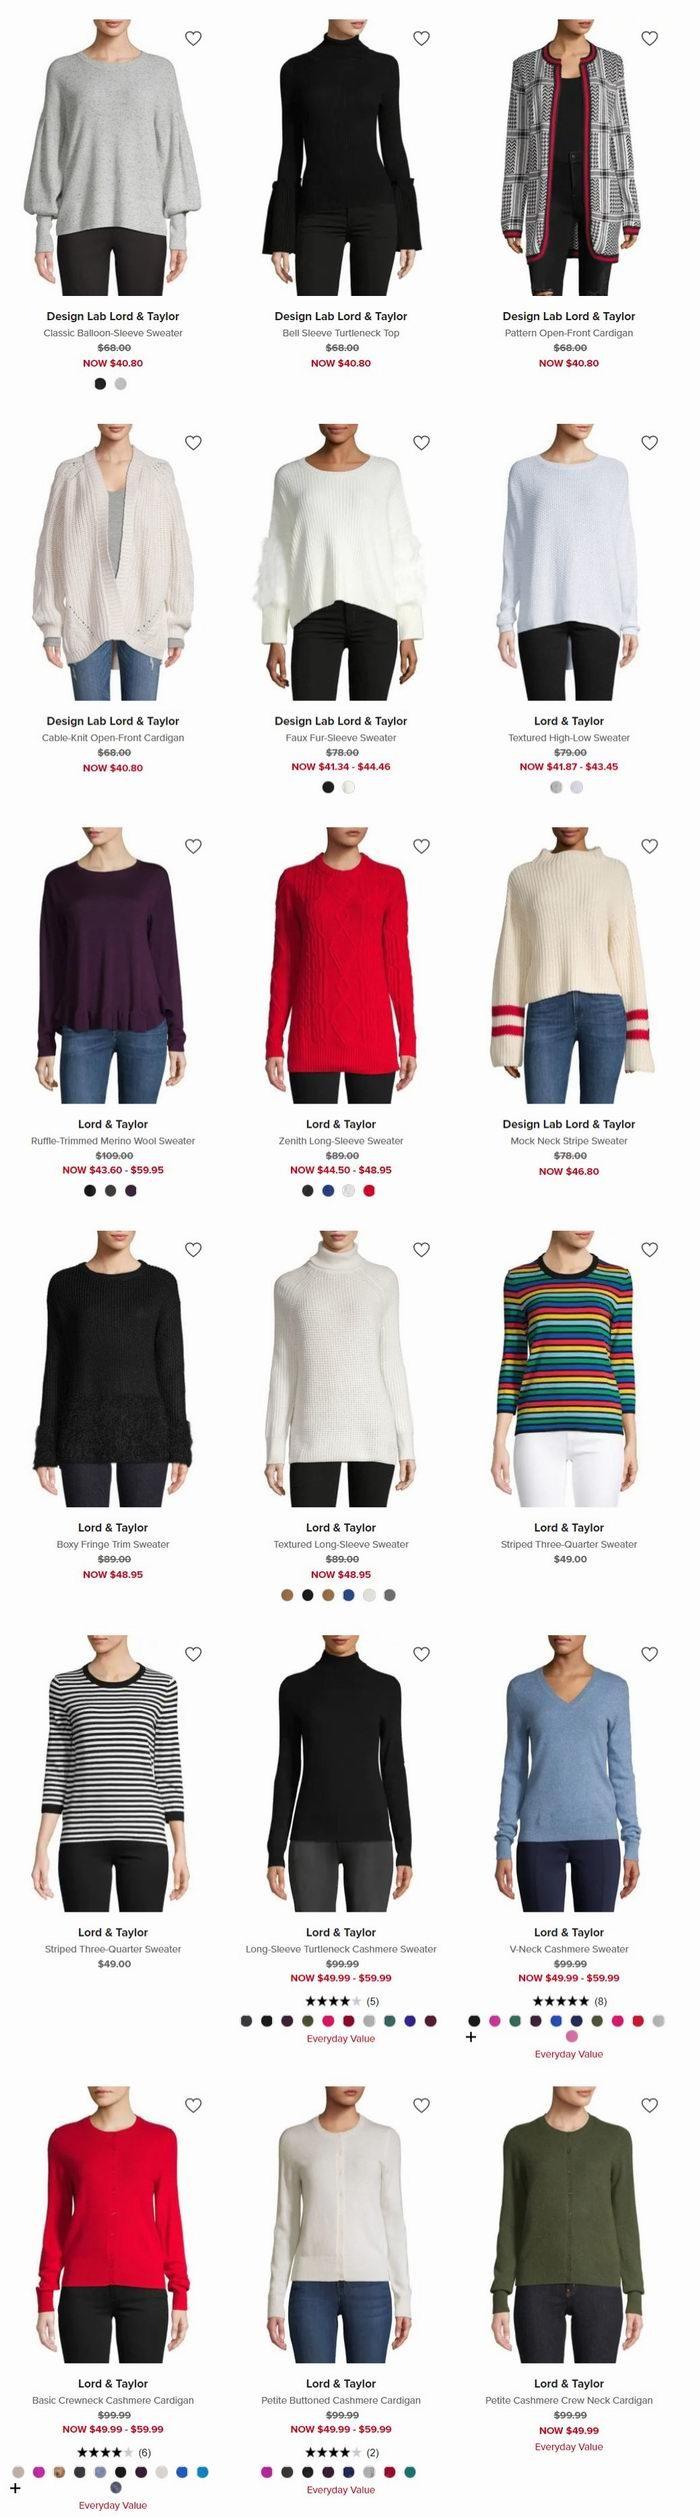 精选 Lord & Taylor 羊毛羊绒毛衣5.1折起+HBC卡额外8.5折!Cashmere毛衣低至42.49加元